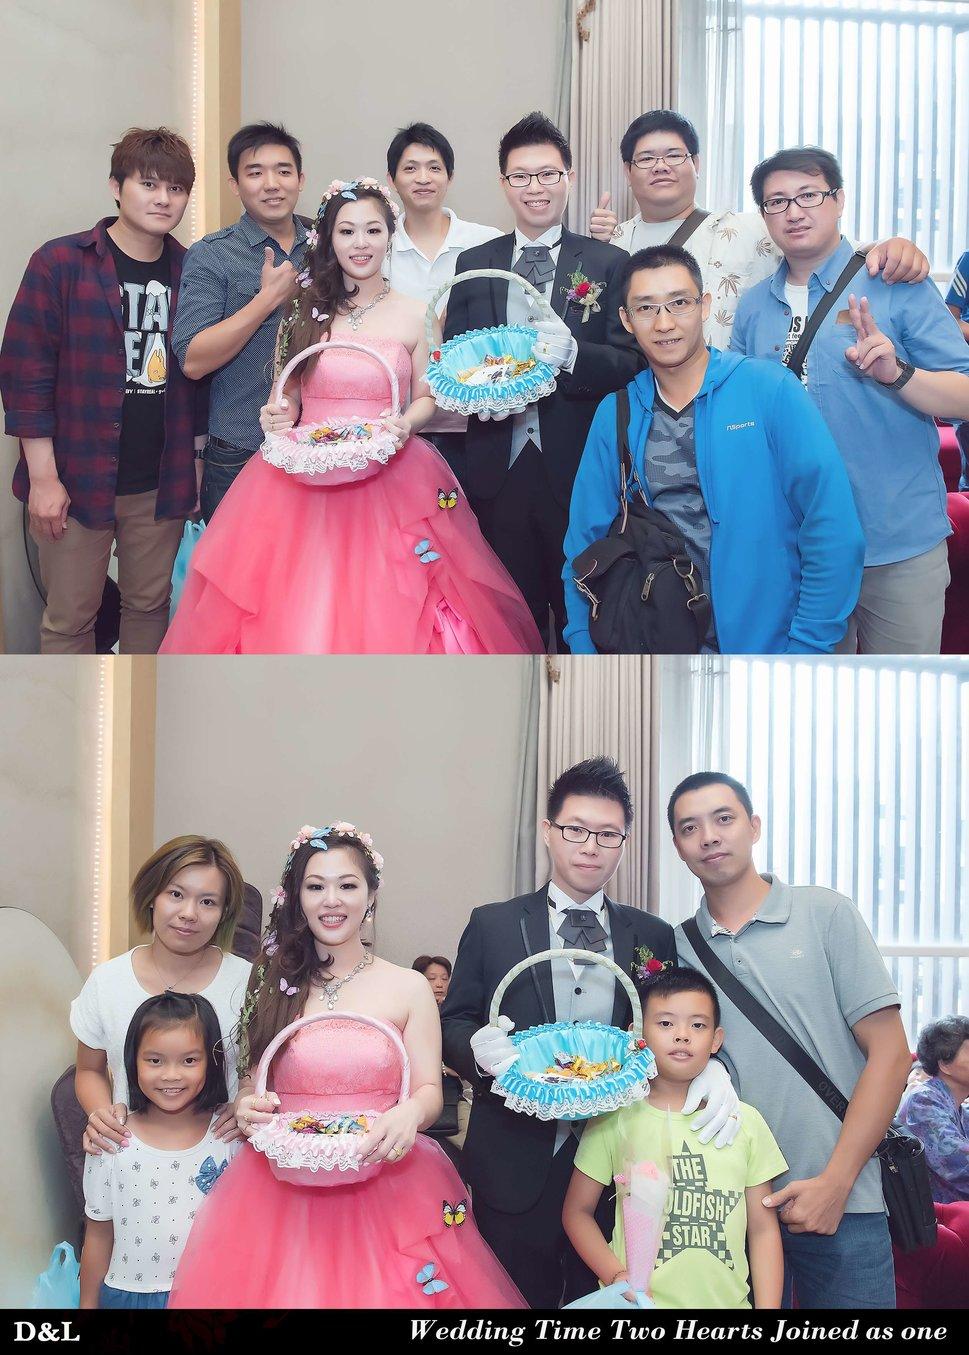 婚禮紀錄-顥天&美彣(編號:253212) - D&L 婚禮事務-婚禮攝影/婚紗攝影 - 結婚吧一站式婚禮服務平台